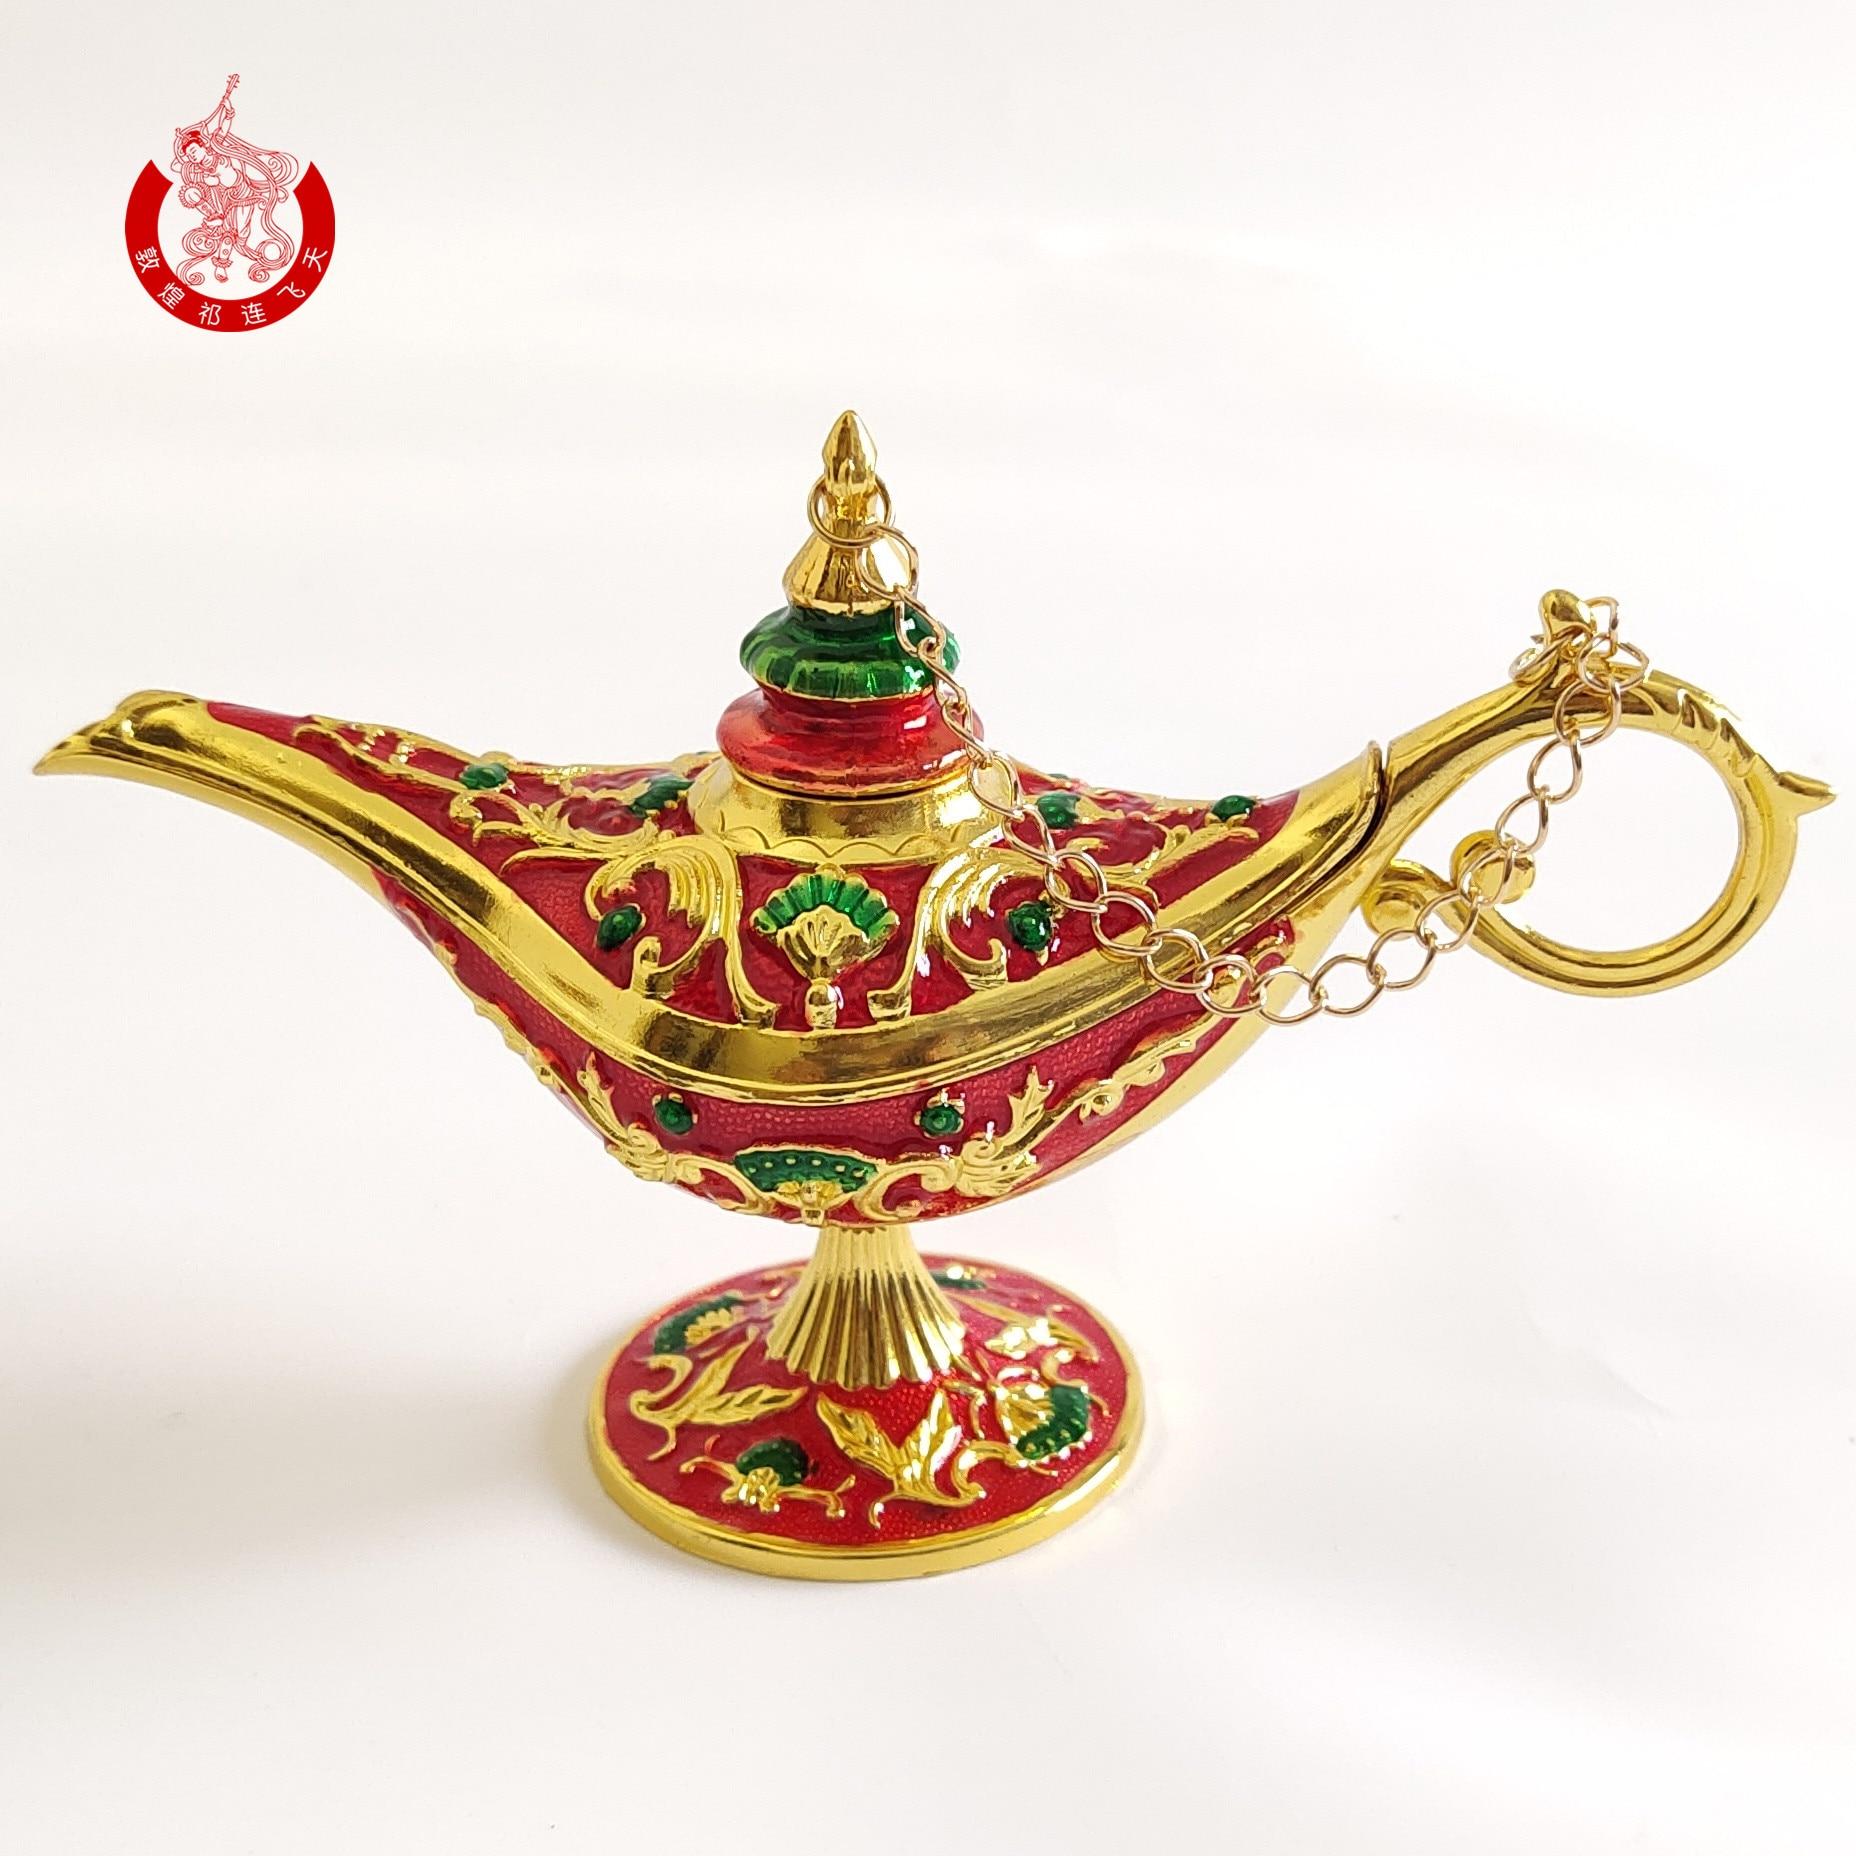 Pequeña decoración árabe, lámpara de lujo de Aladino, figuritas doradas, artesanías creativas, Decoración de mesa, Hogar, decoración, DA60B